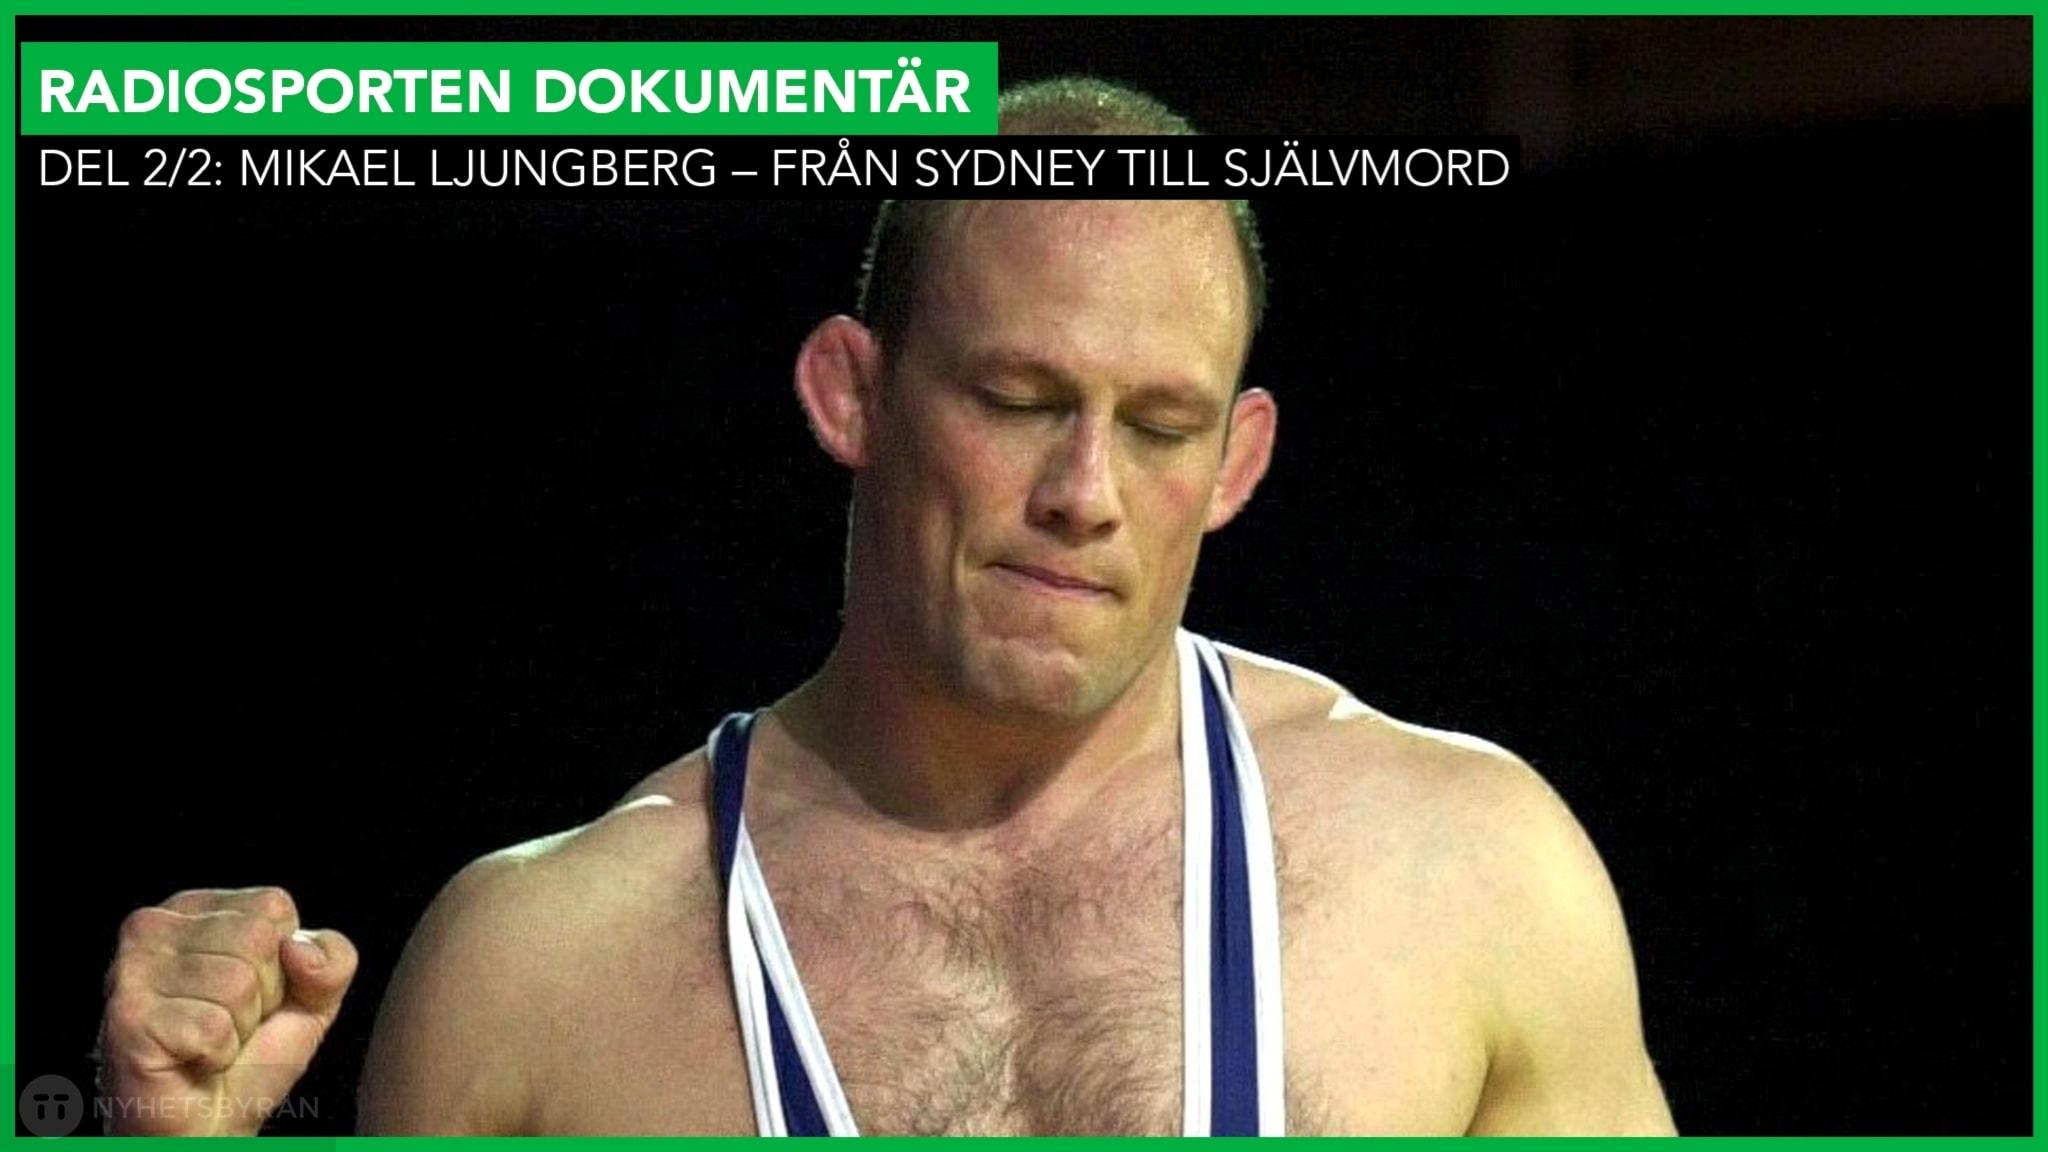 Del 2/2: Mikael Ljungberg – Från Sydney till självmord